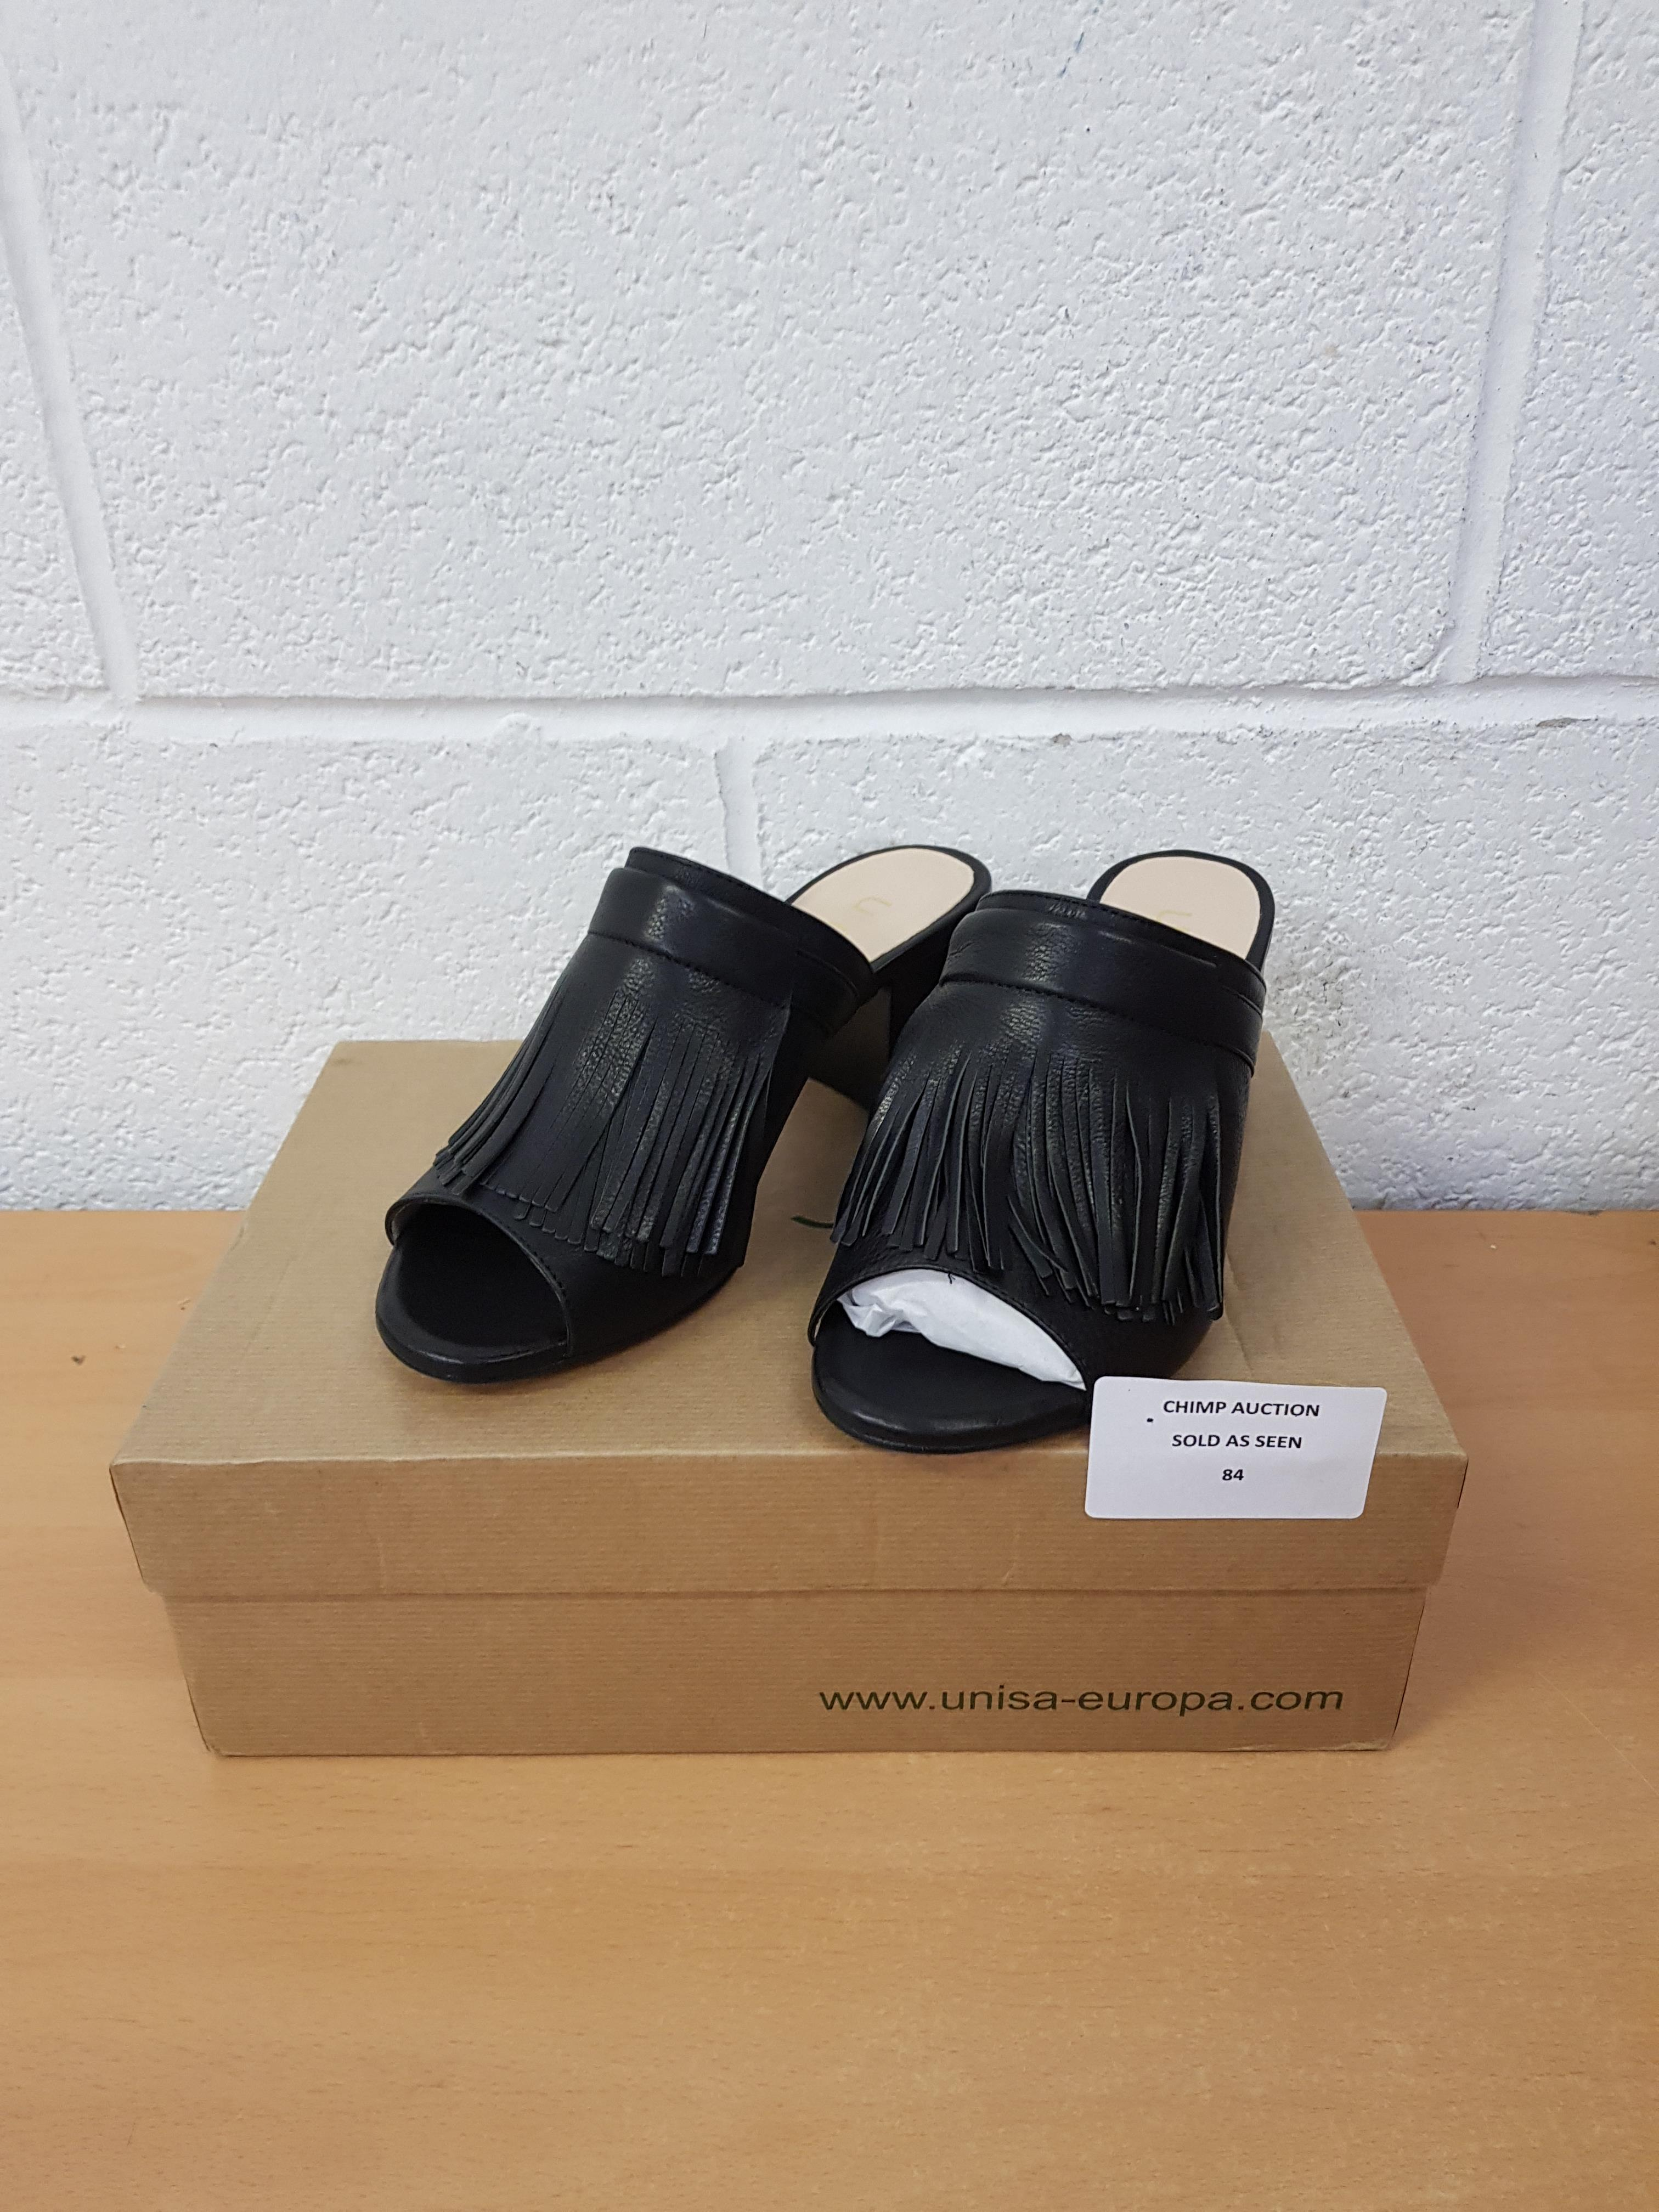 Lot 84 - Unisa ladies shoes EU 37